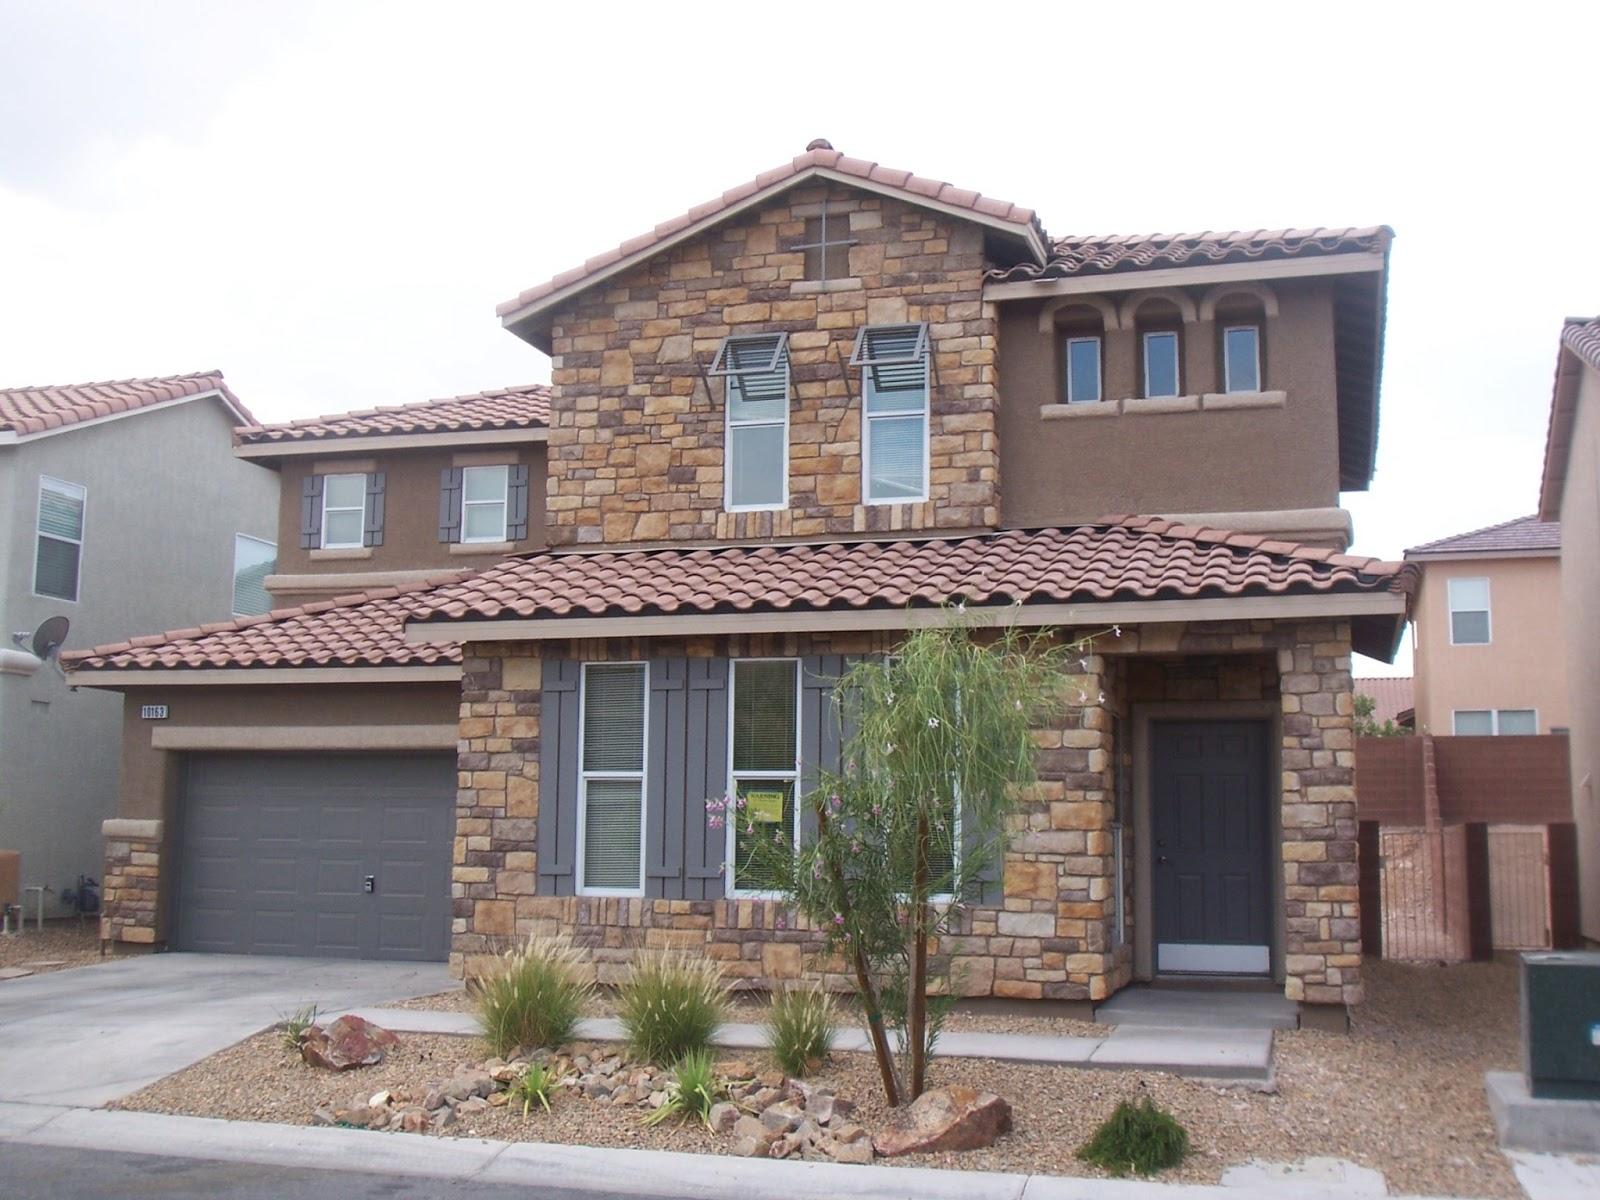 Fachadas de casas de piedra modernas cl sicas y minimalistas for Fachadas de casas nuevas modernas